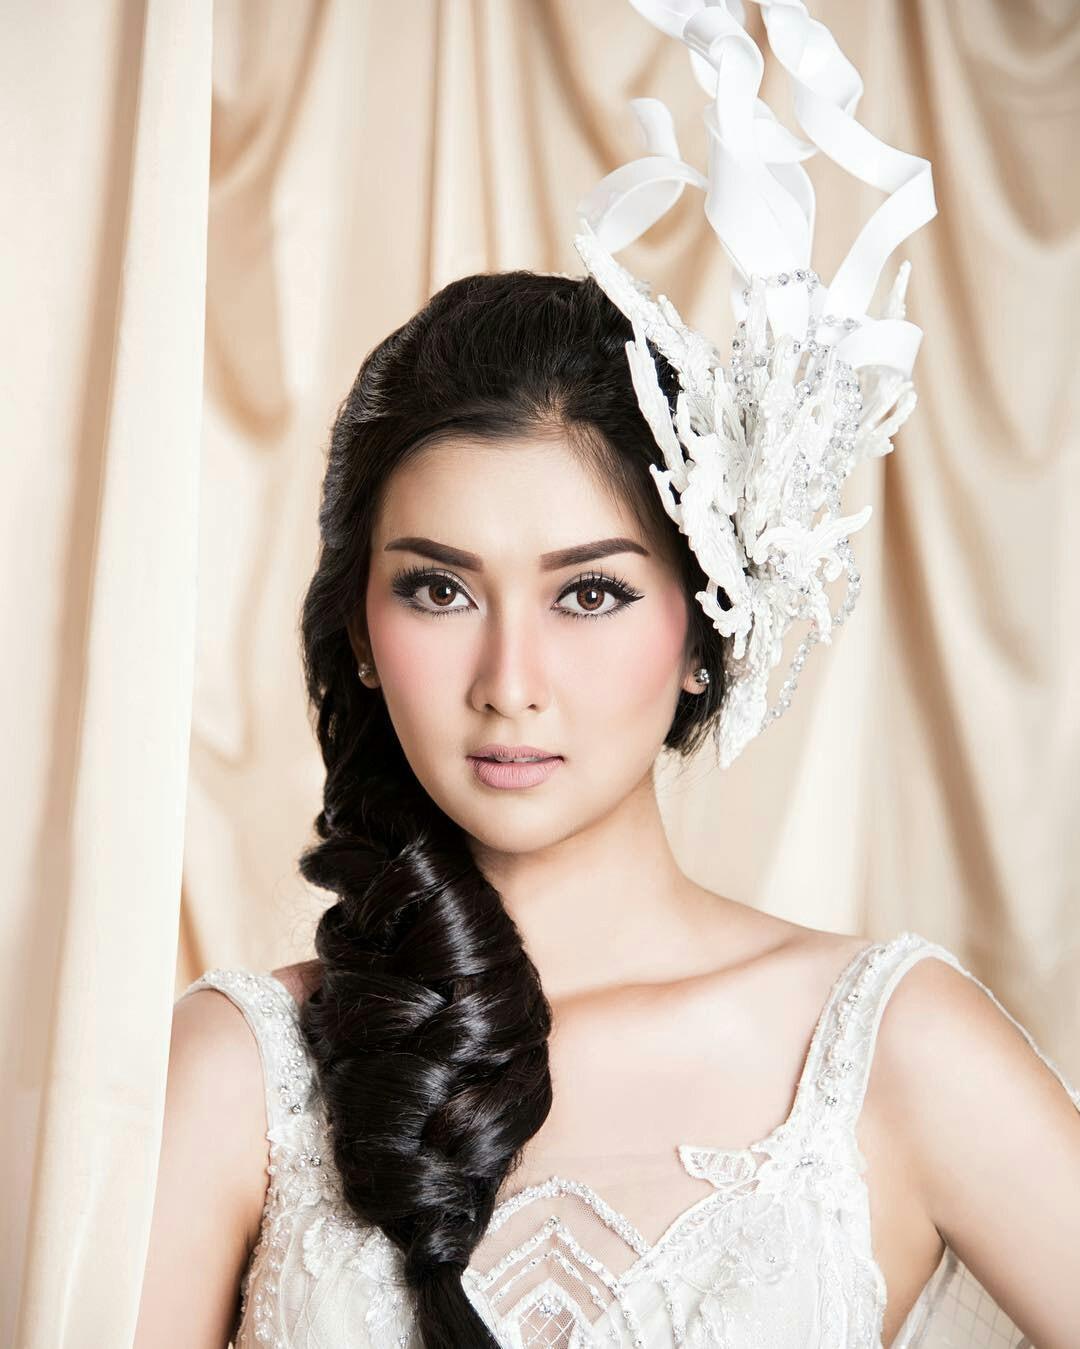 Nhan sắc xinh đẹp của đại diện Indonesia, cô gái đánh bại hơn 70 đối thủ đăng quang Miss International 2017 - Ảnh 5.